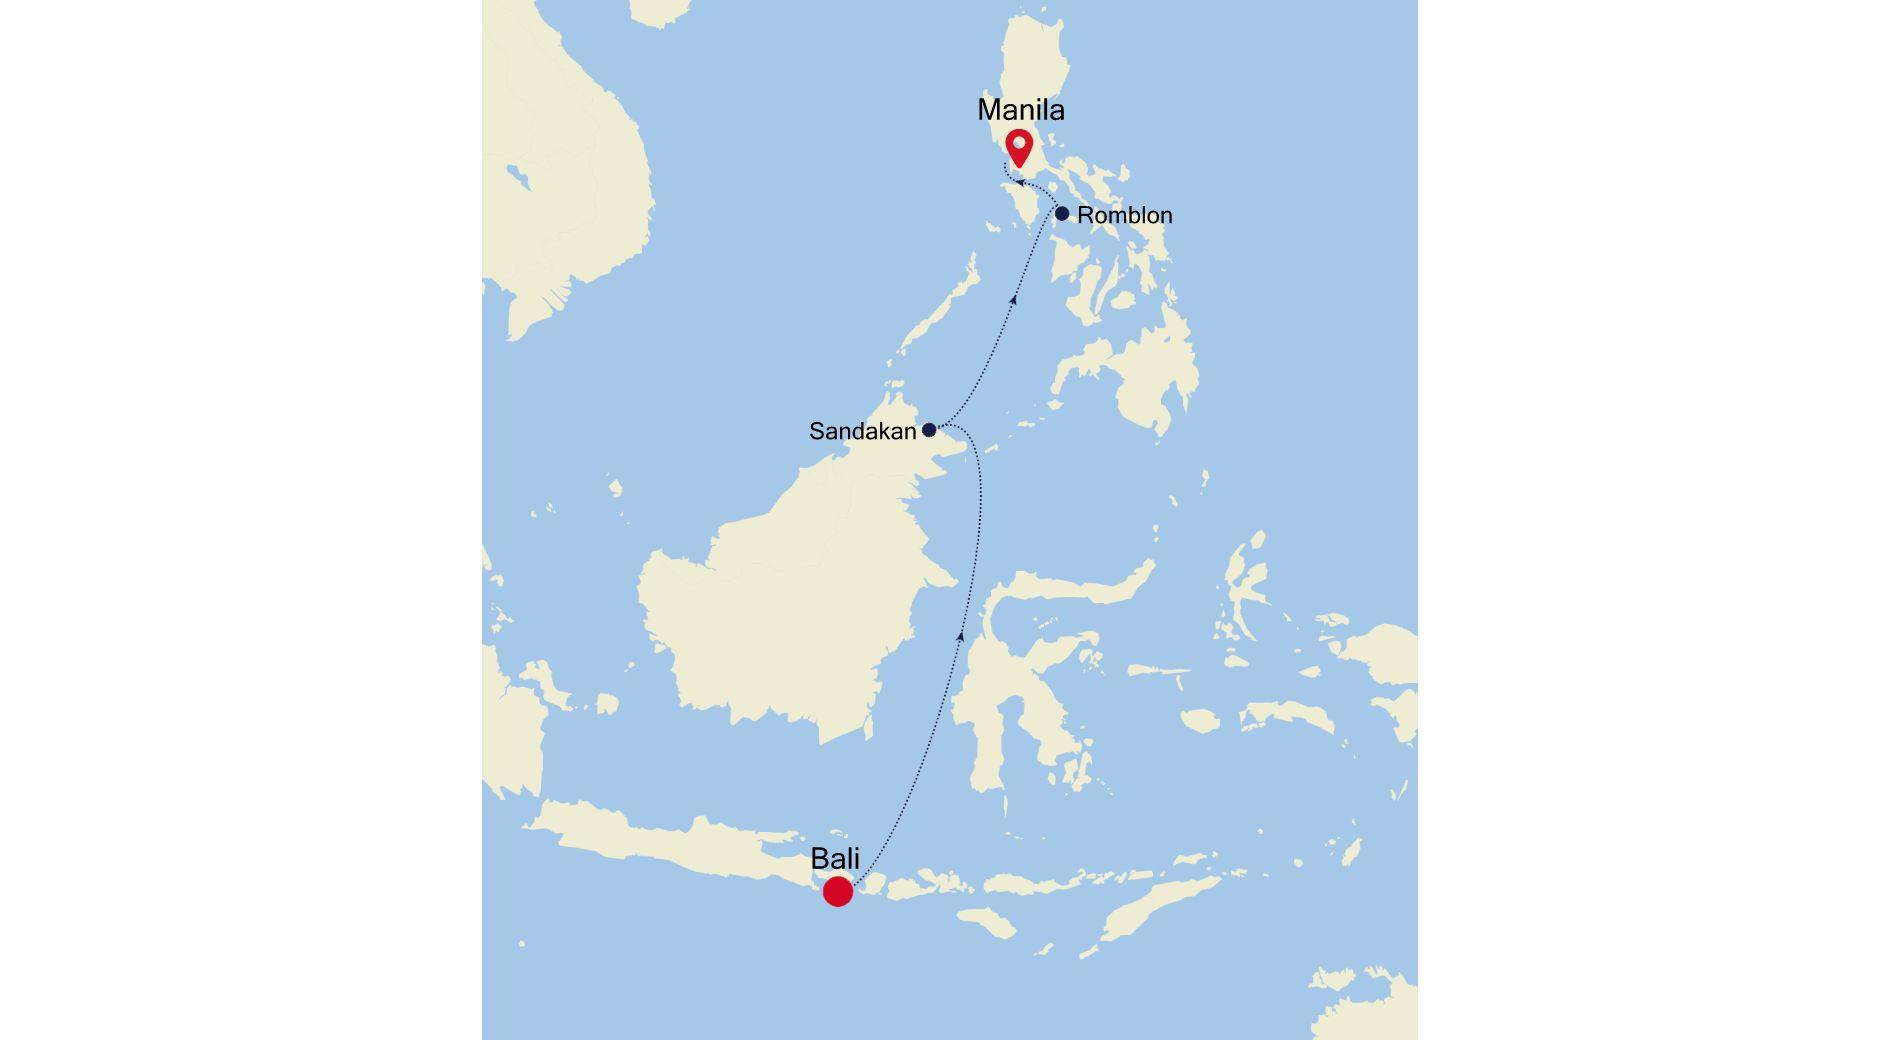 6905A - Bali à Manila